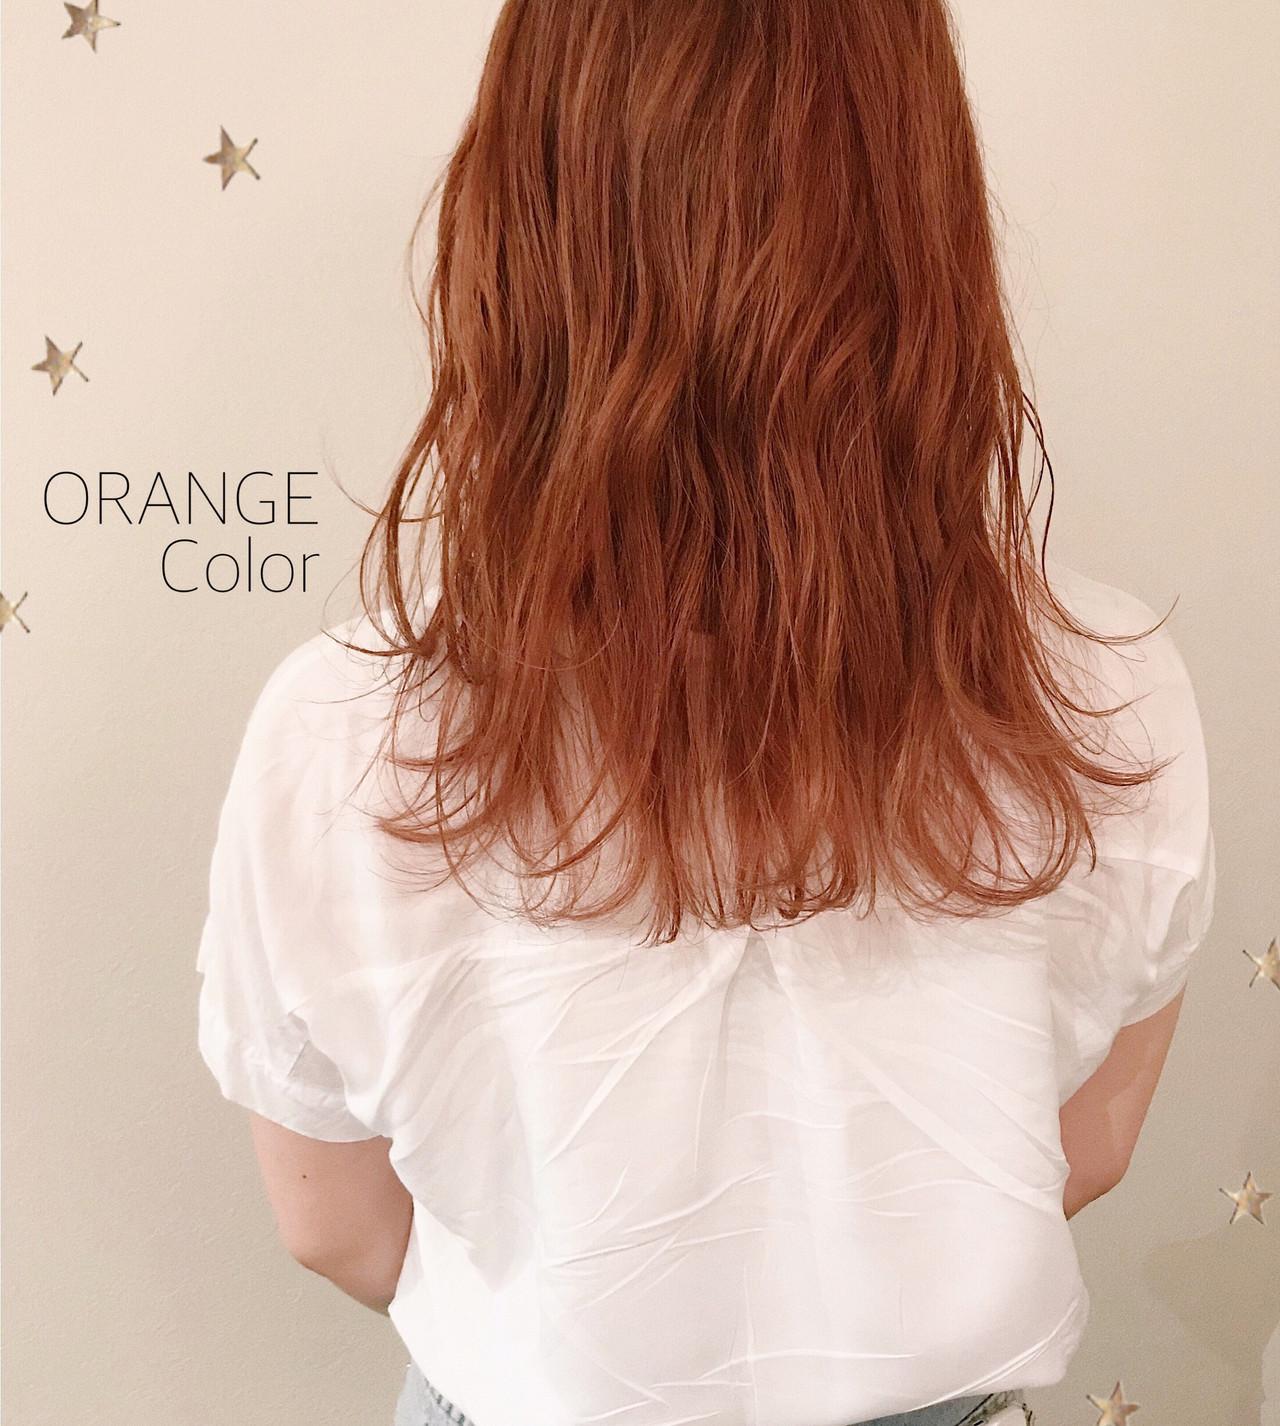 オレンジカラー オレンジ ストリート ゆるふわ ヘアスタイルや髪型の写真・画像